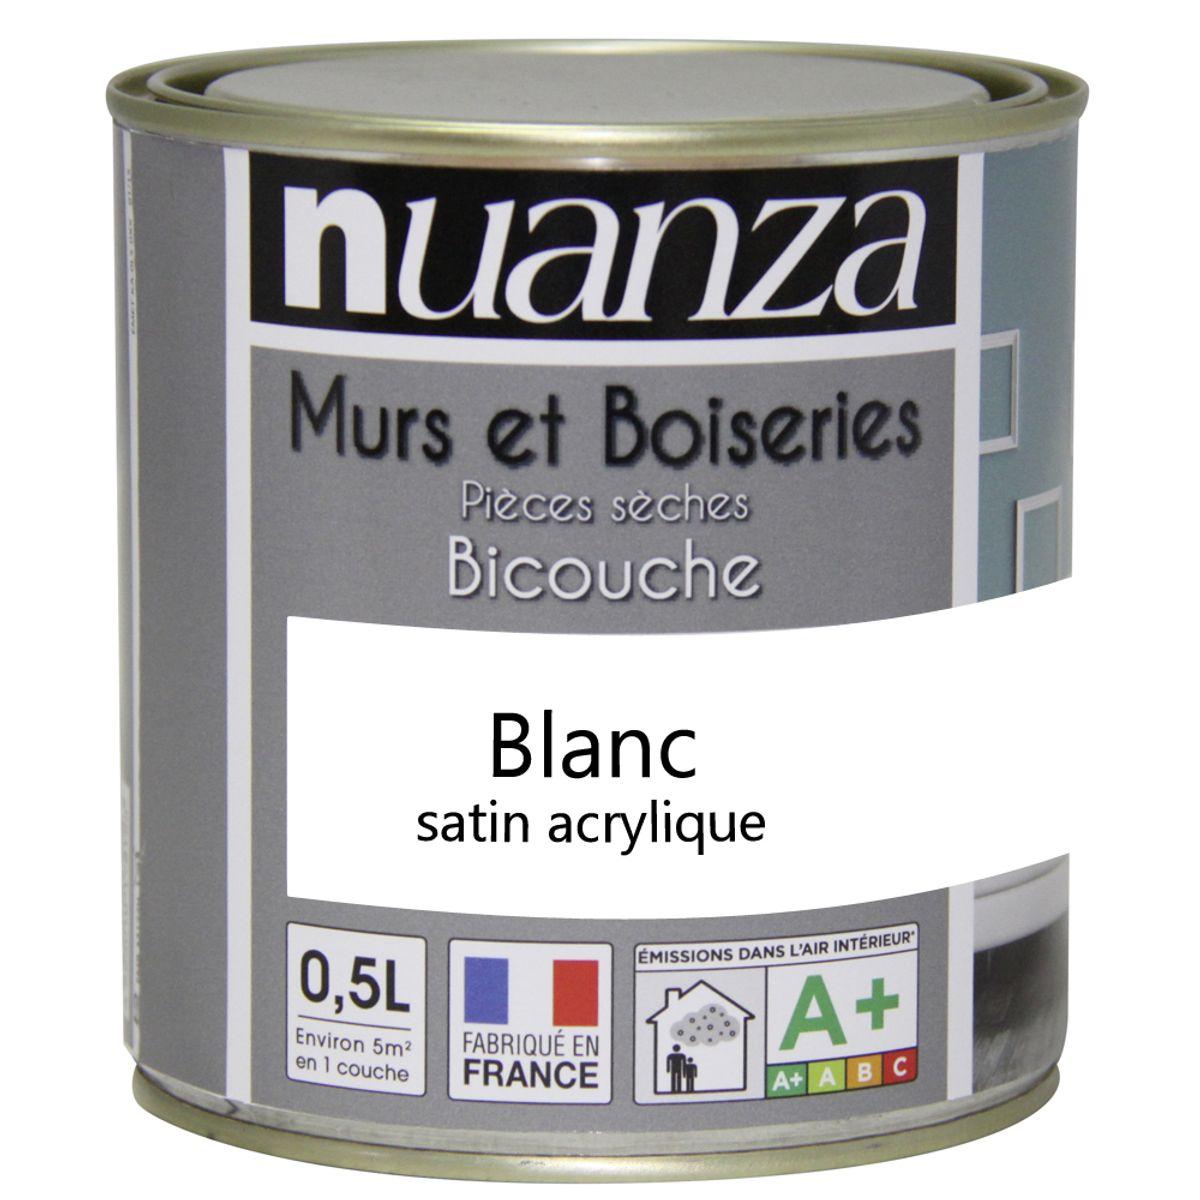 Peinture blanc satin murs et boiseries Nuanza 0.5l